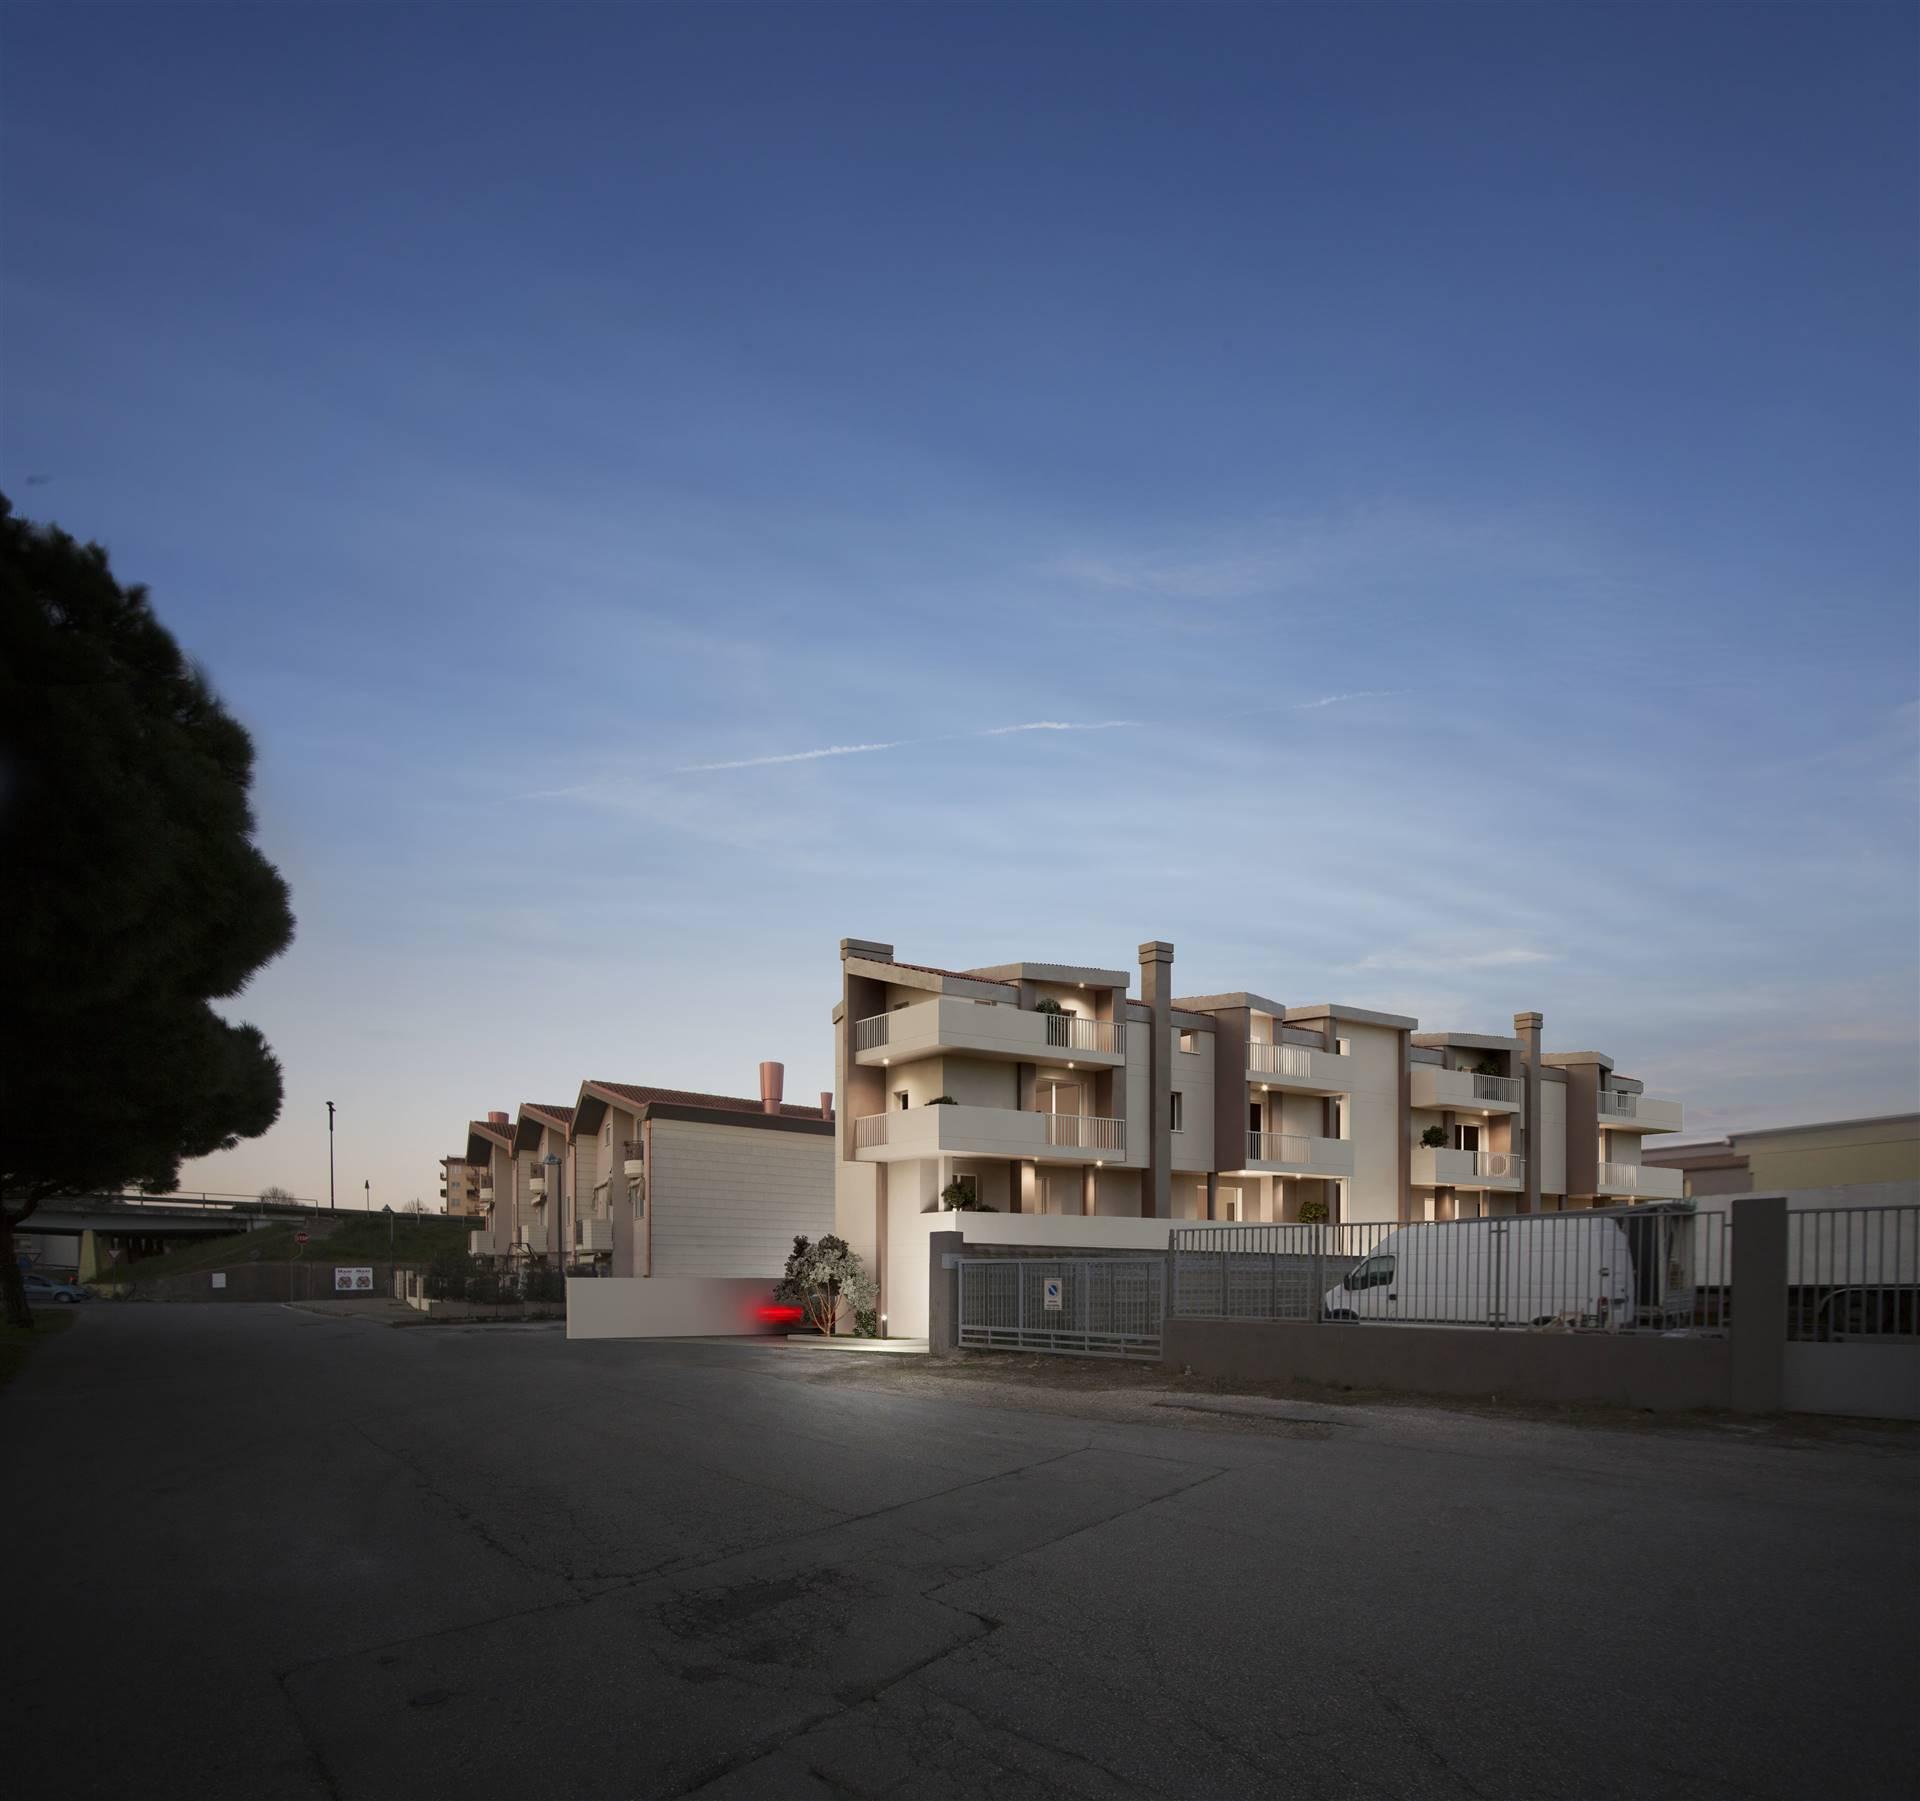 Attico / Mansarda in vendita a Chioggia, 4 locali, zona Località: BORGO SAN GIOVANNI, prezzo € 250.000 | PortaleAgenzieImmobiliari.it